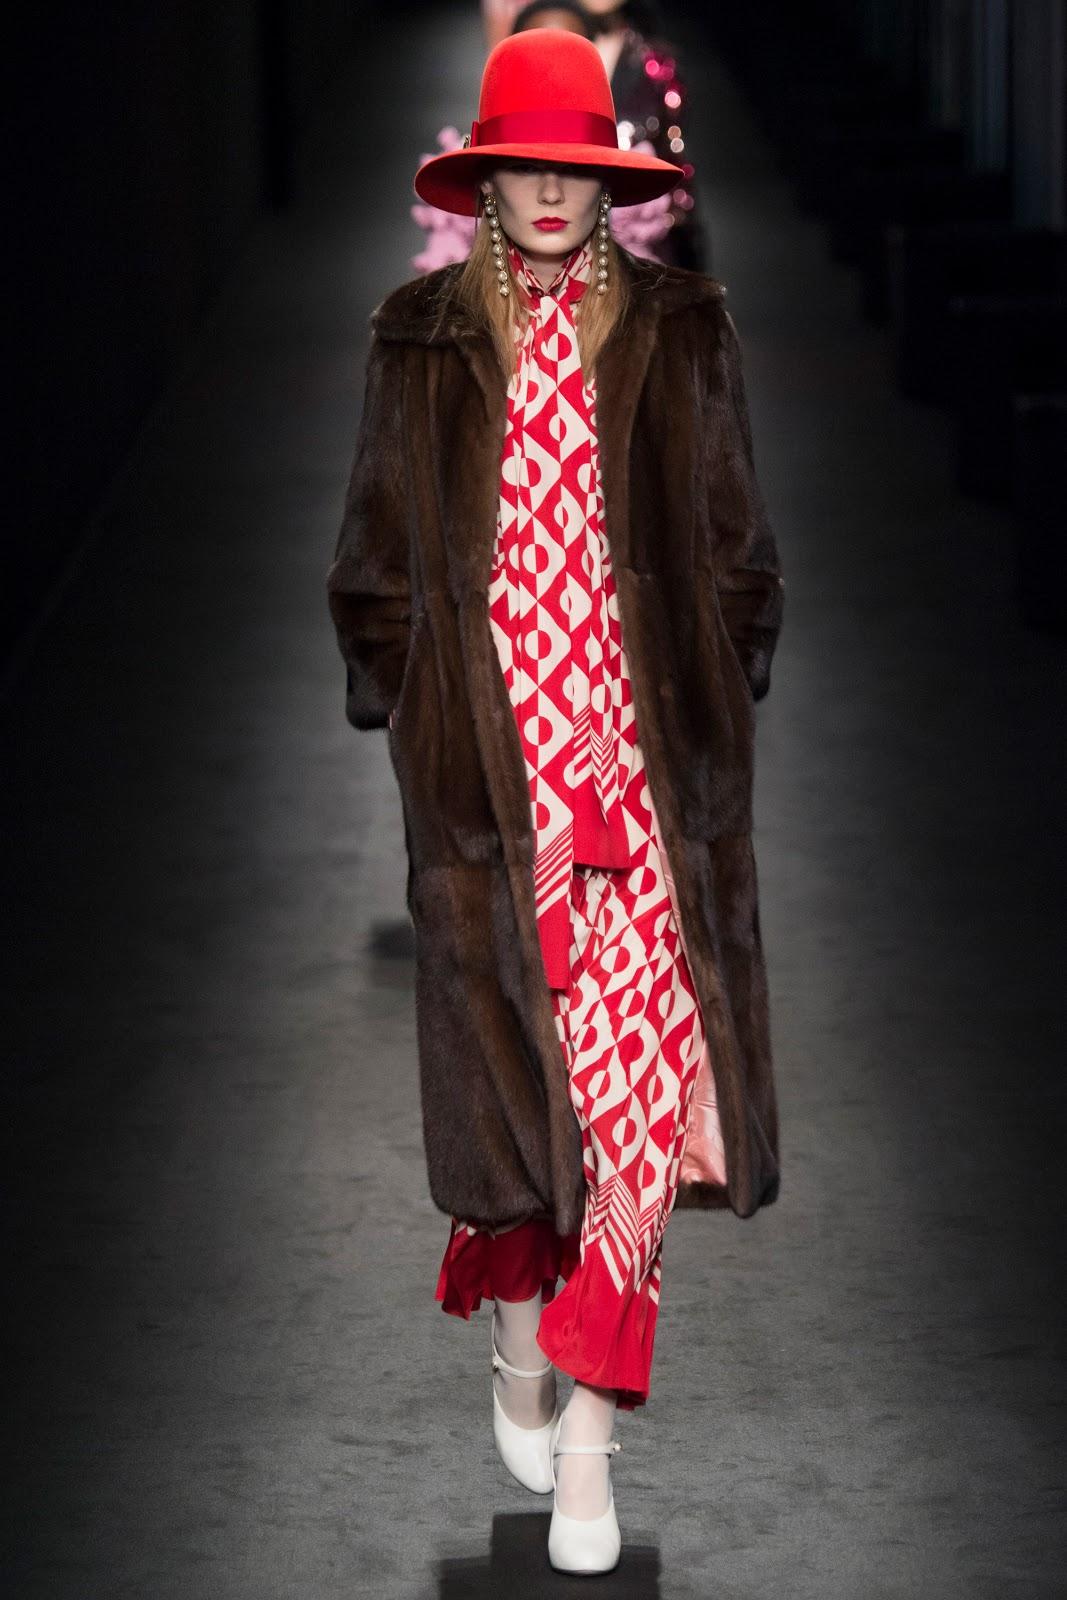 vogue winter fashion - Ecosia e2ddc3e20ec04